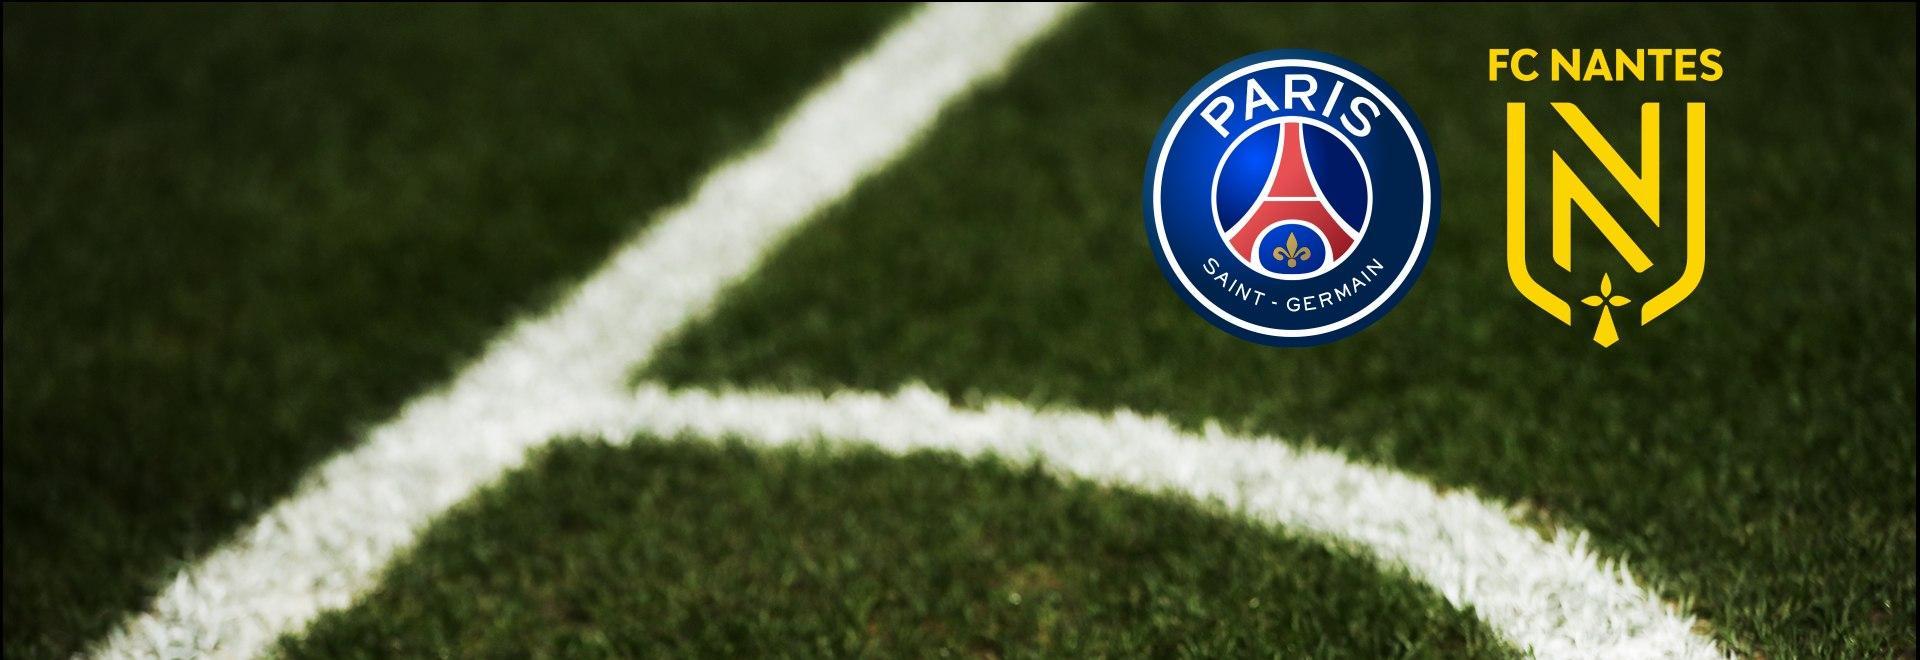 PSG - Nantes. 29a g.